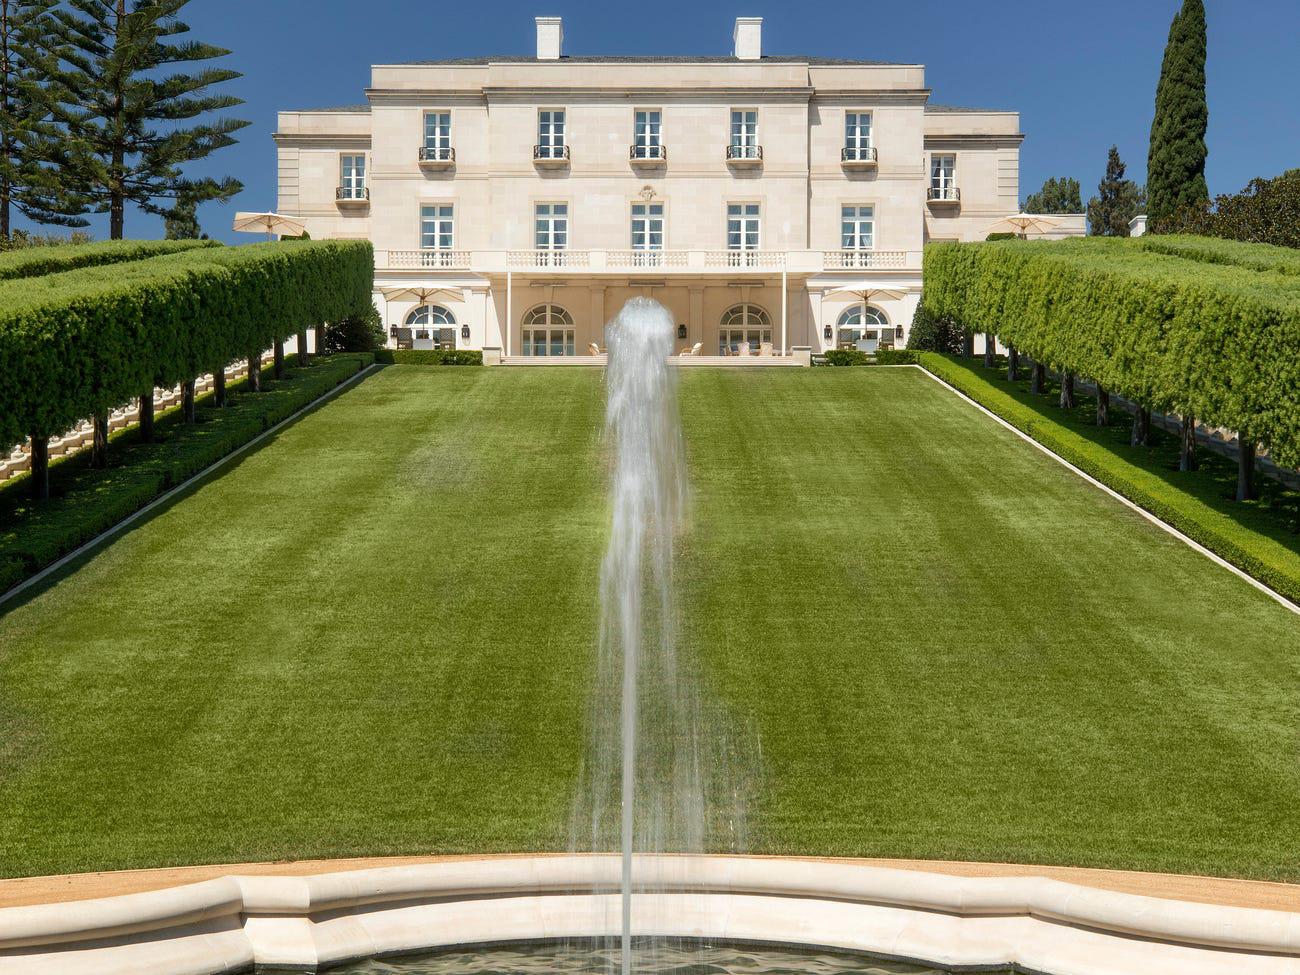 Perenchio đã thuê nhà thiết kế người Pháp Henri Samuel cải tạo phần lớn dinh thự này theo phong cách tân cổ điển thế kỷ 18 của Pháp.